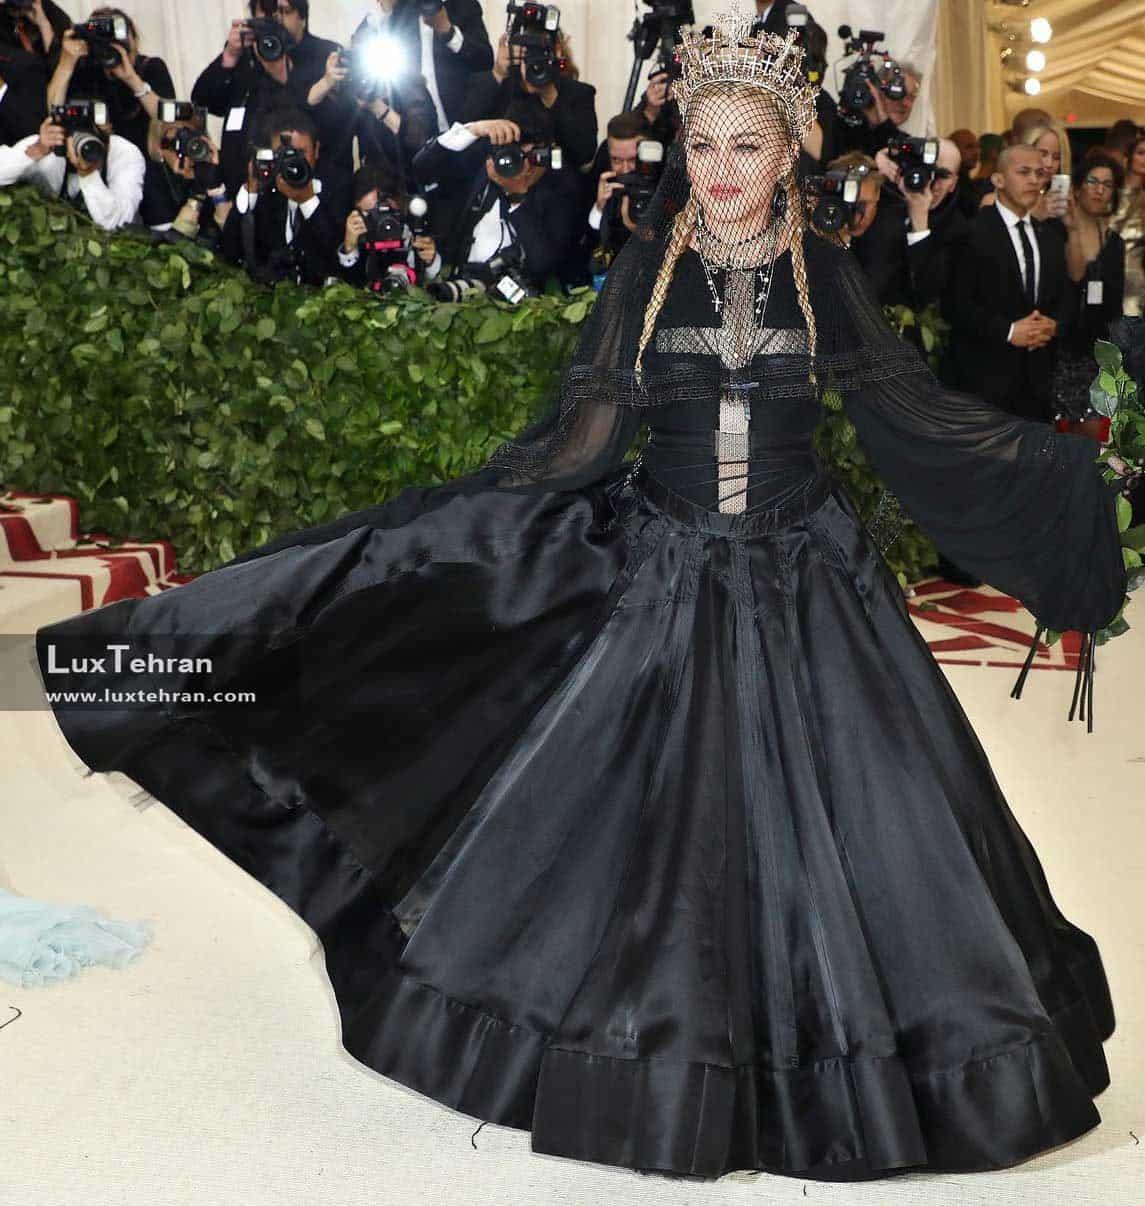 لباس مشکی بلندی از مدونا، ملکه پاپ قرن بیستم